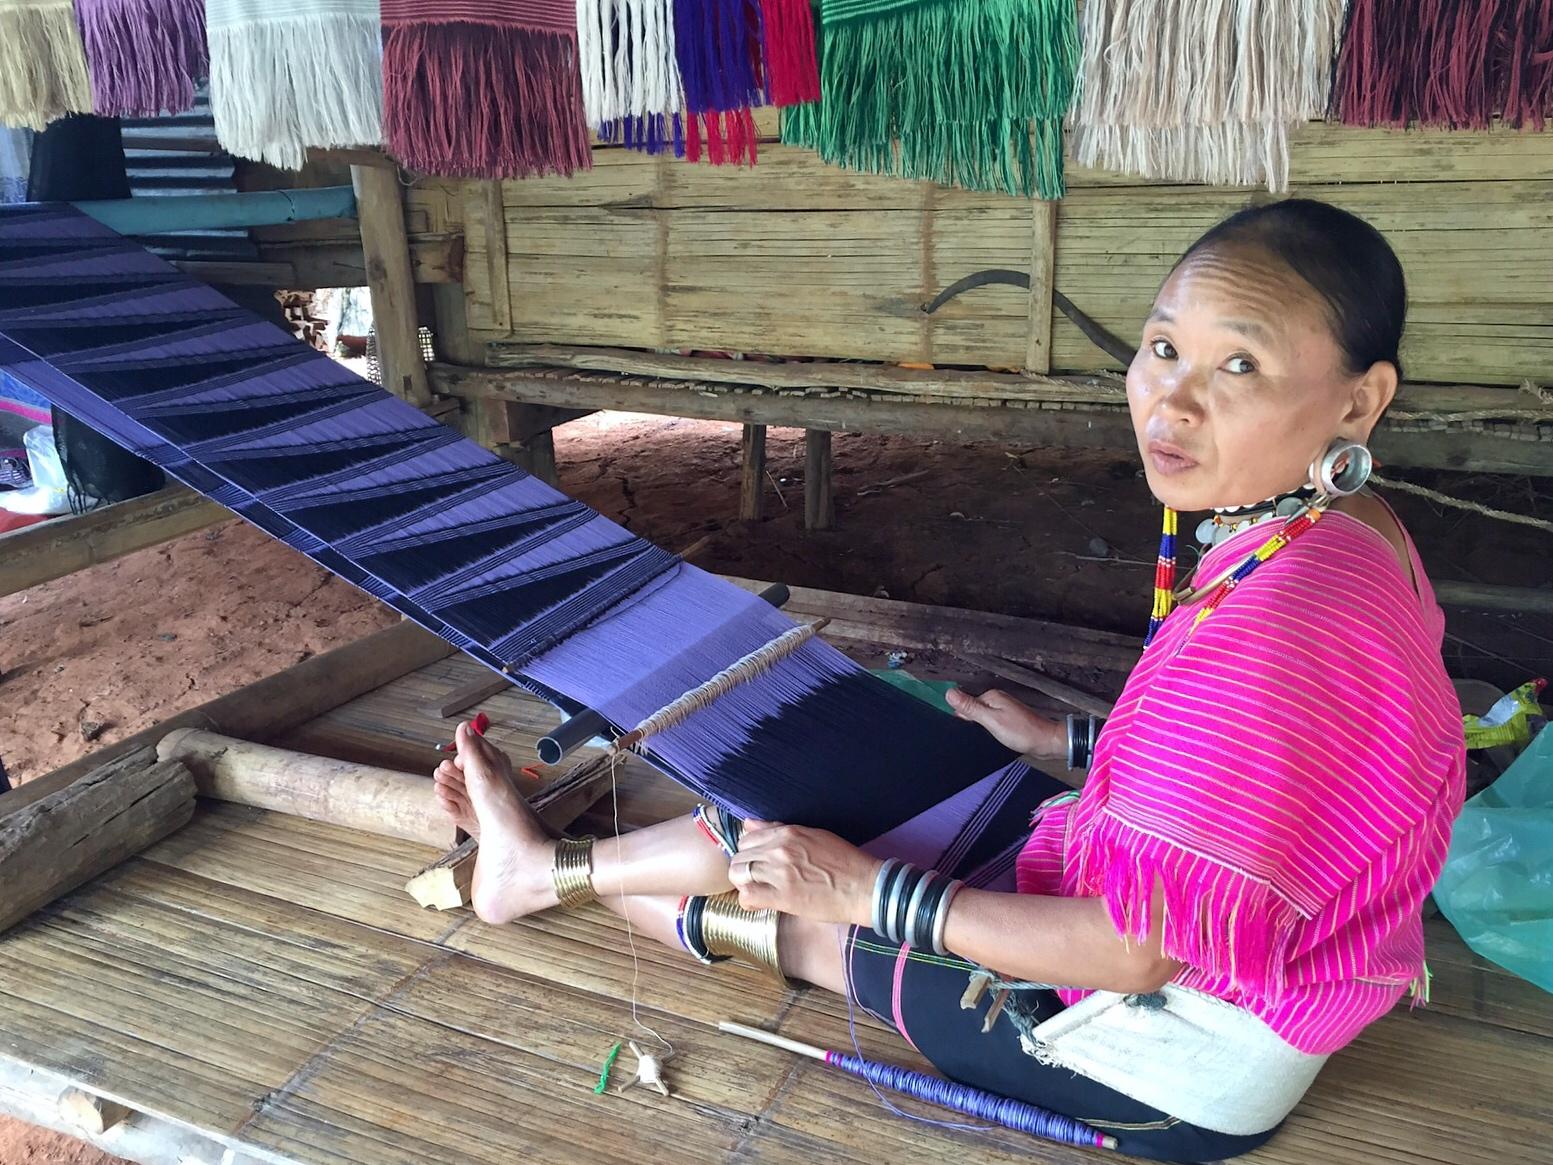 a long neck woman is weaving